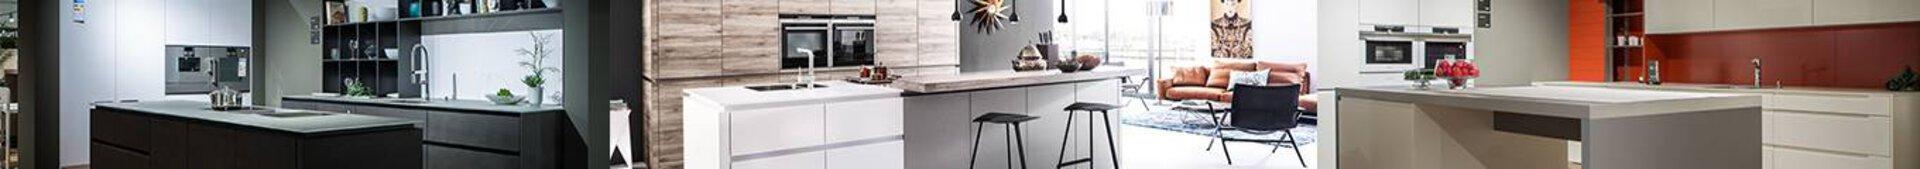 Bannerbild zu First-Class-Küchen der Marke Leicht.